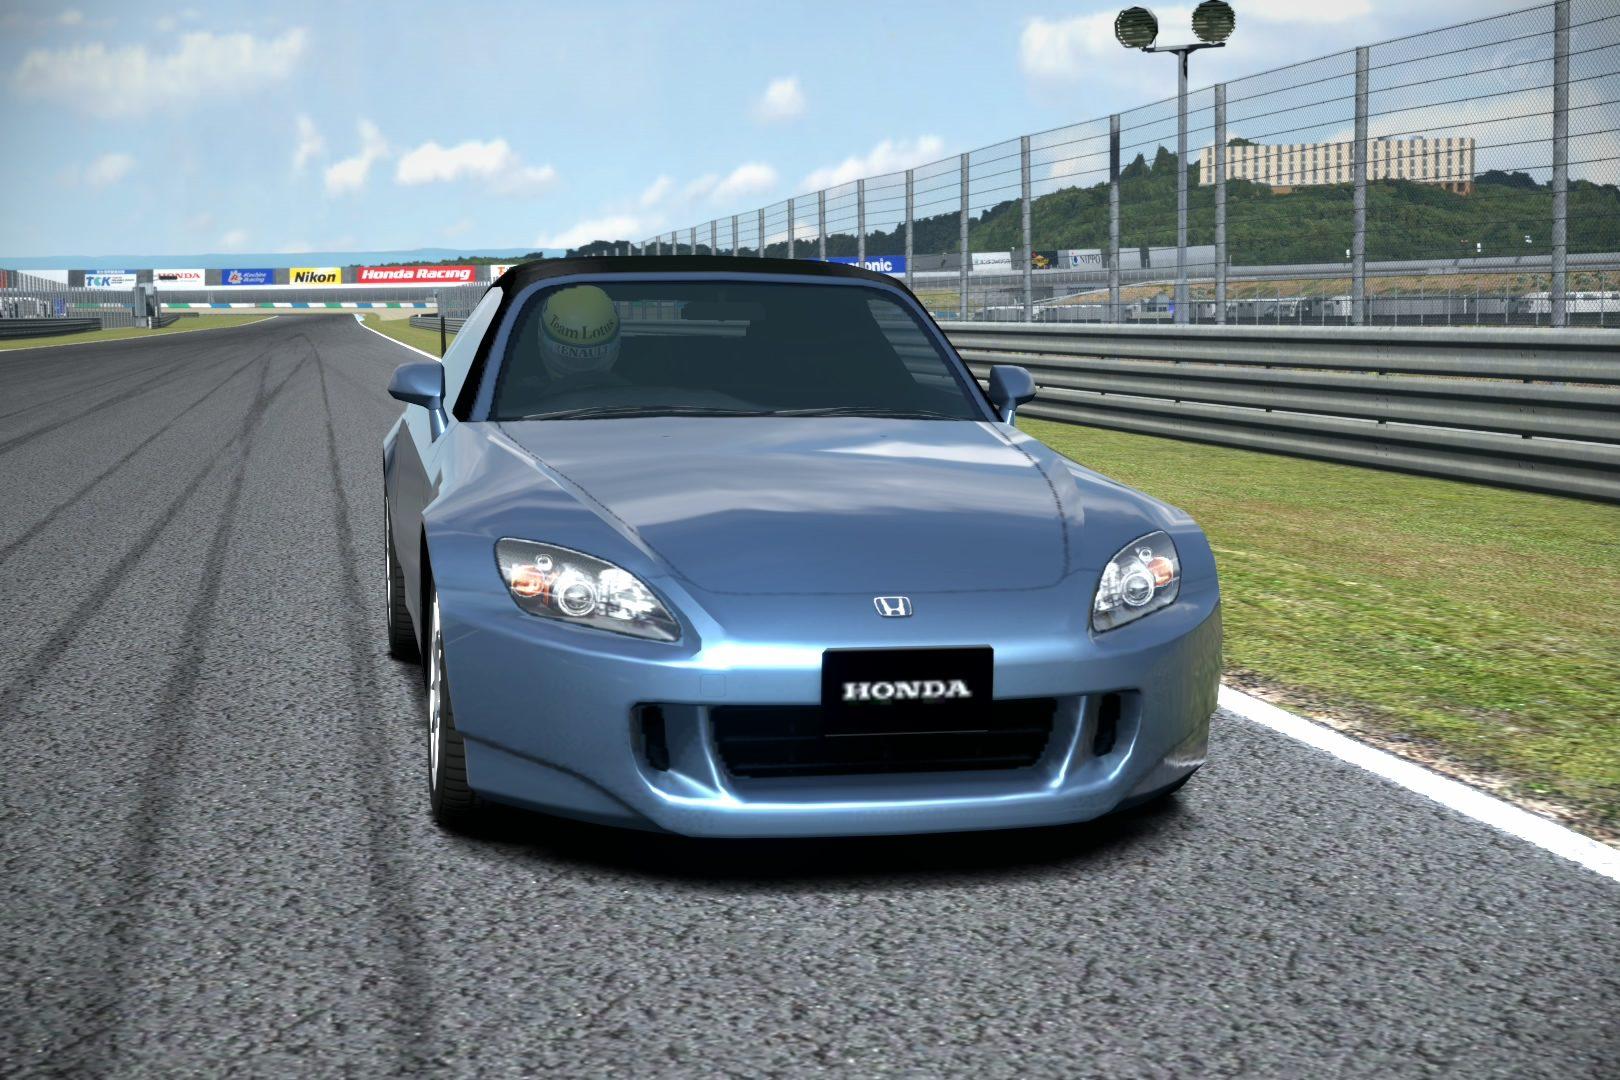 HondaS2000Img4.jpg